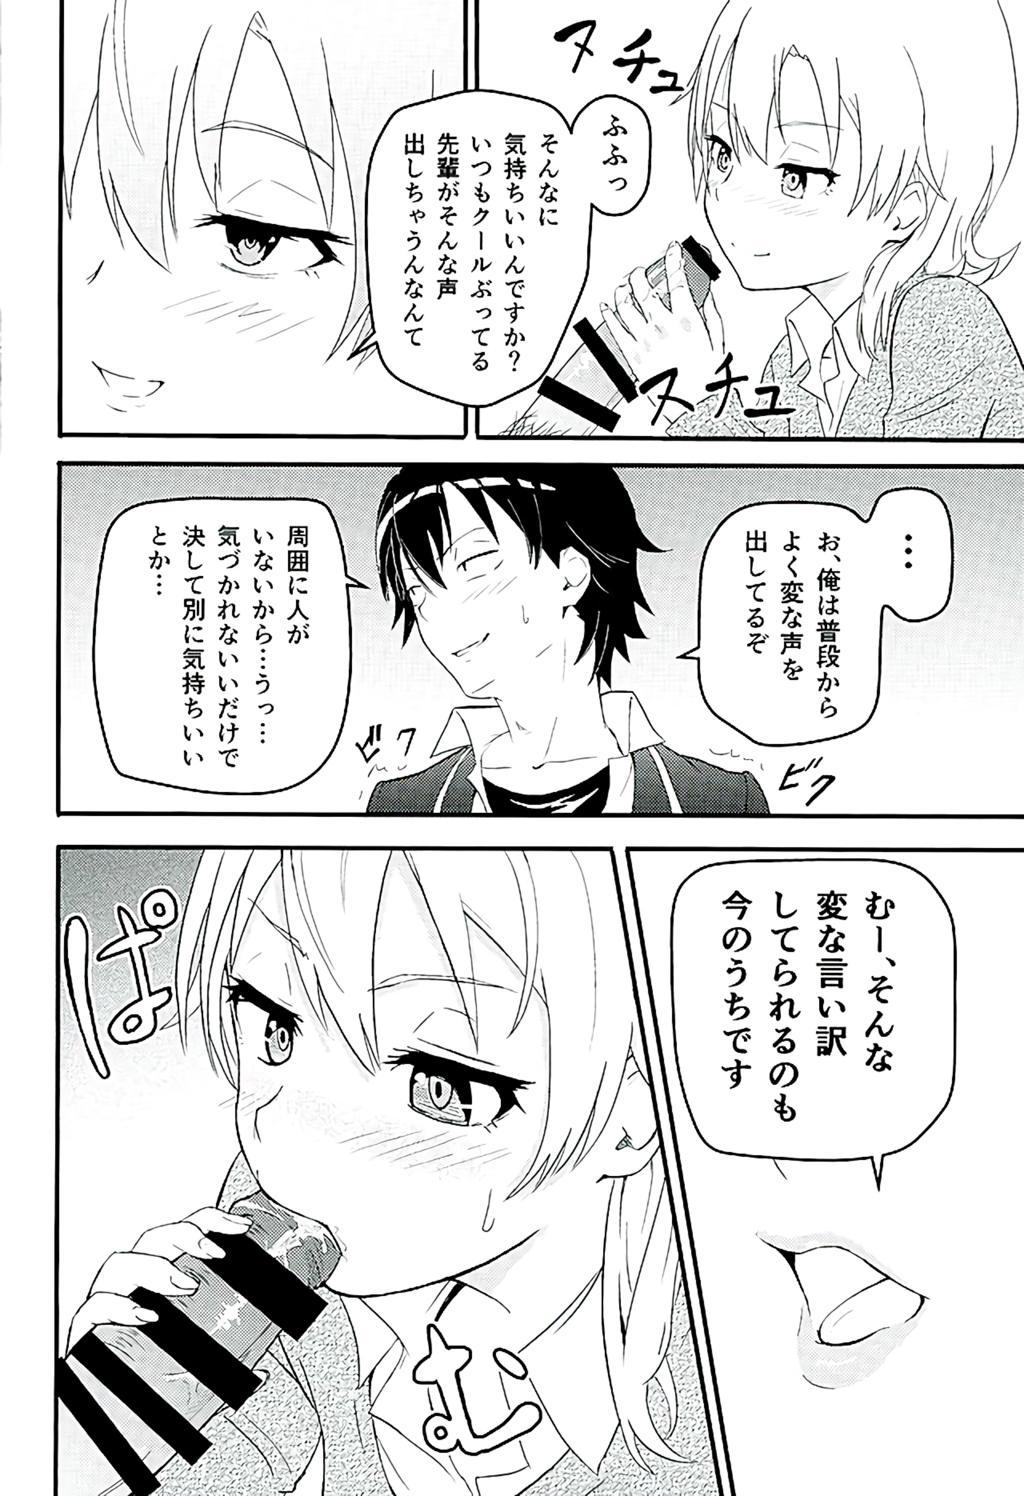 Iroha 8